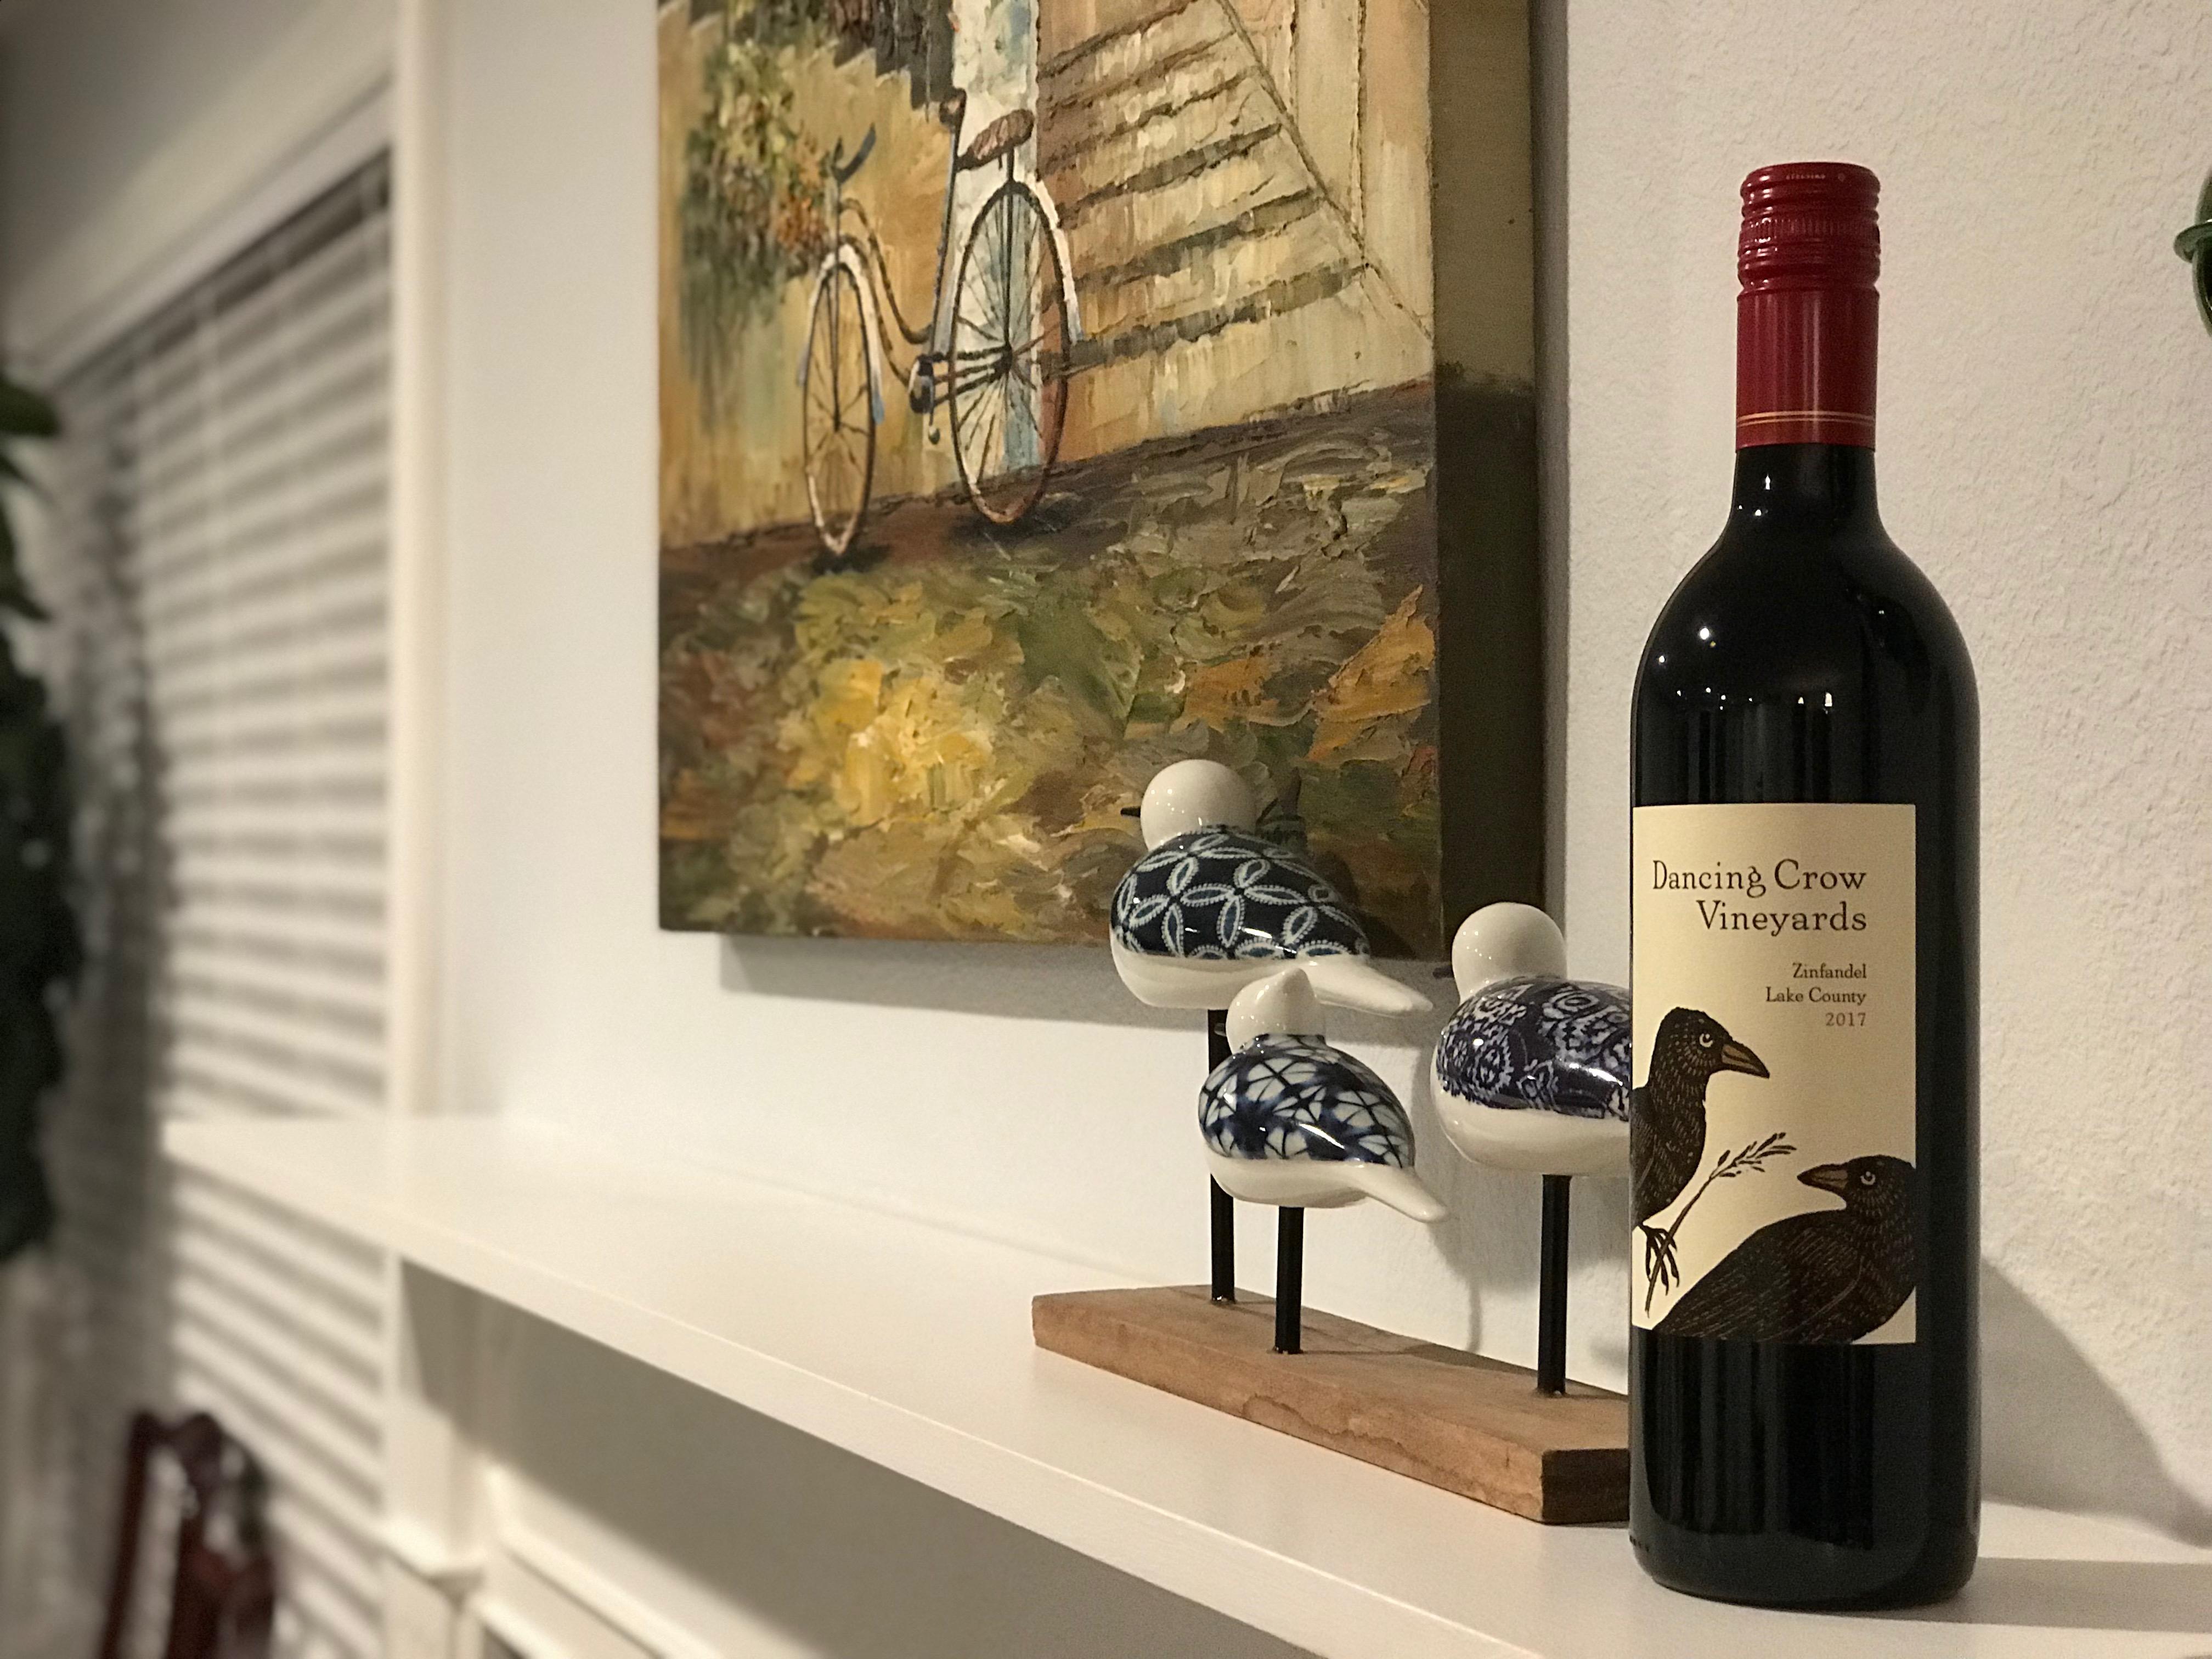 Whole Foodsで選んだ可愛いラベルのカリフォルニアワイン Dancing Crow Zinfandel